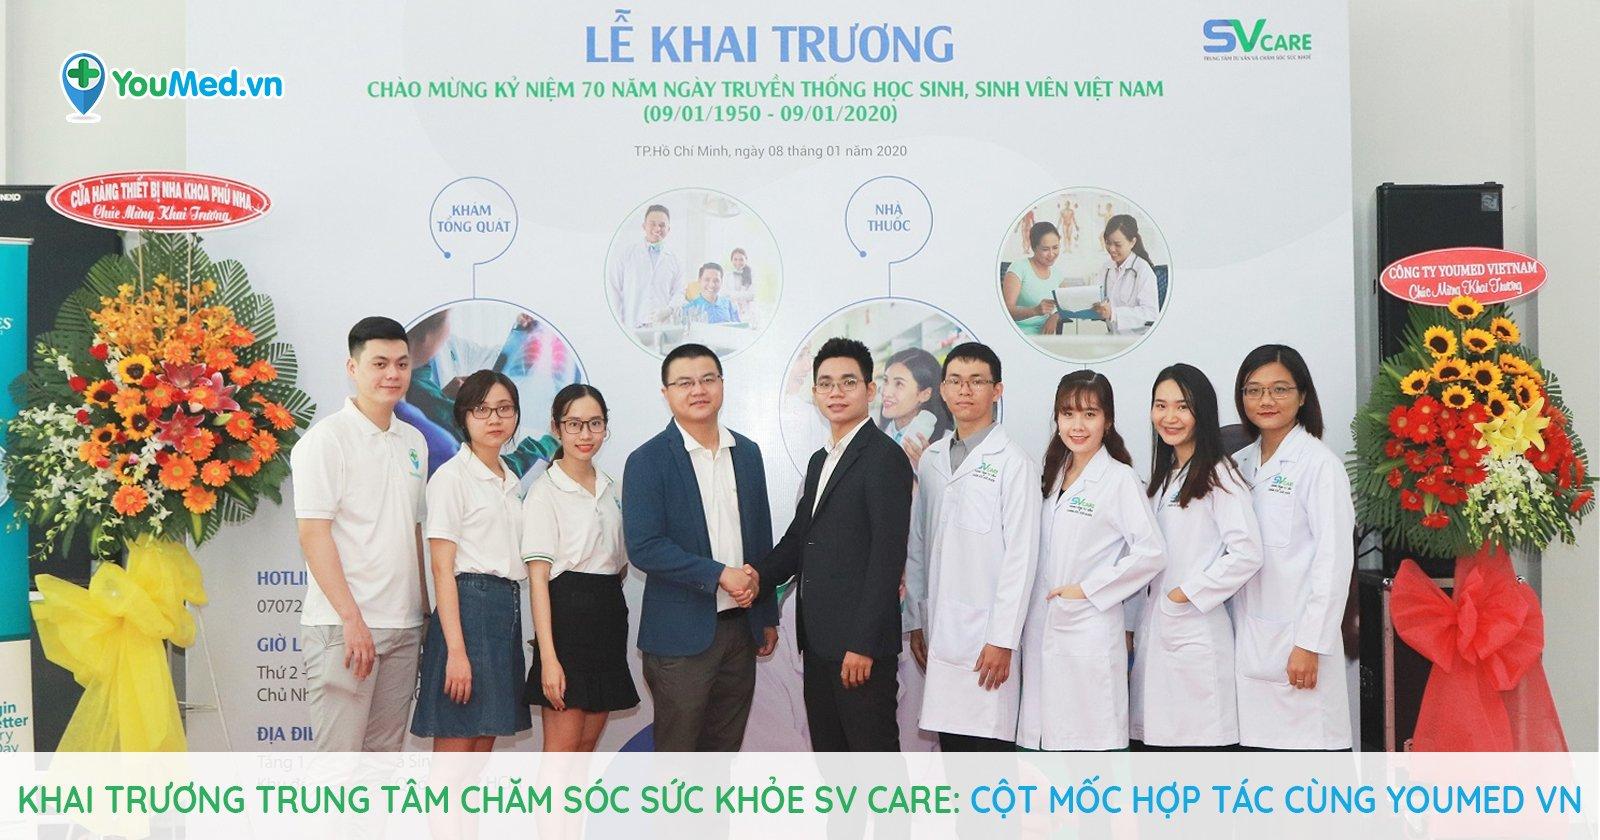 Khai trương trung tâm chăm sóc sức khỏe SV Care: Cột mốc hợp tác cùng YouMed VN